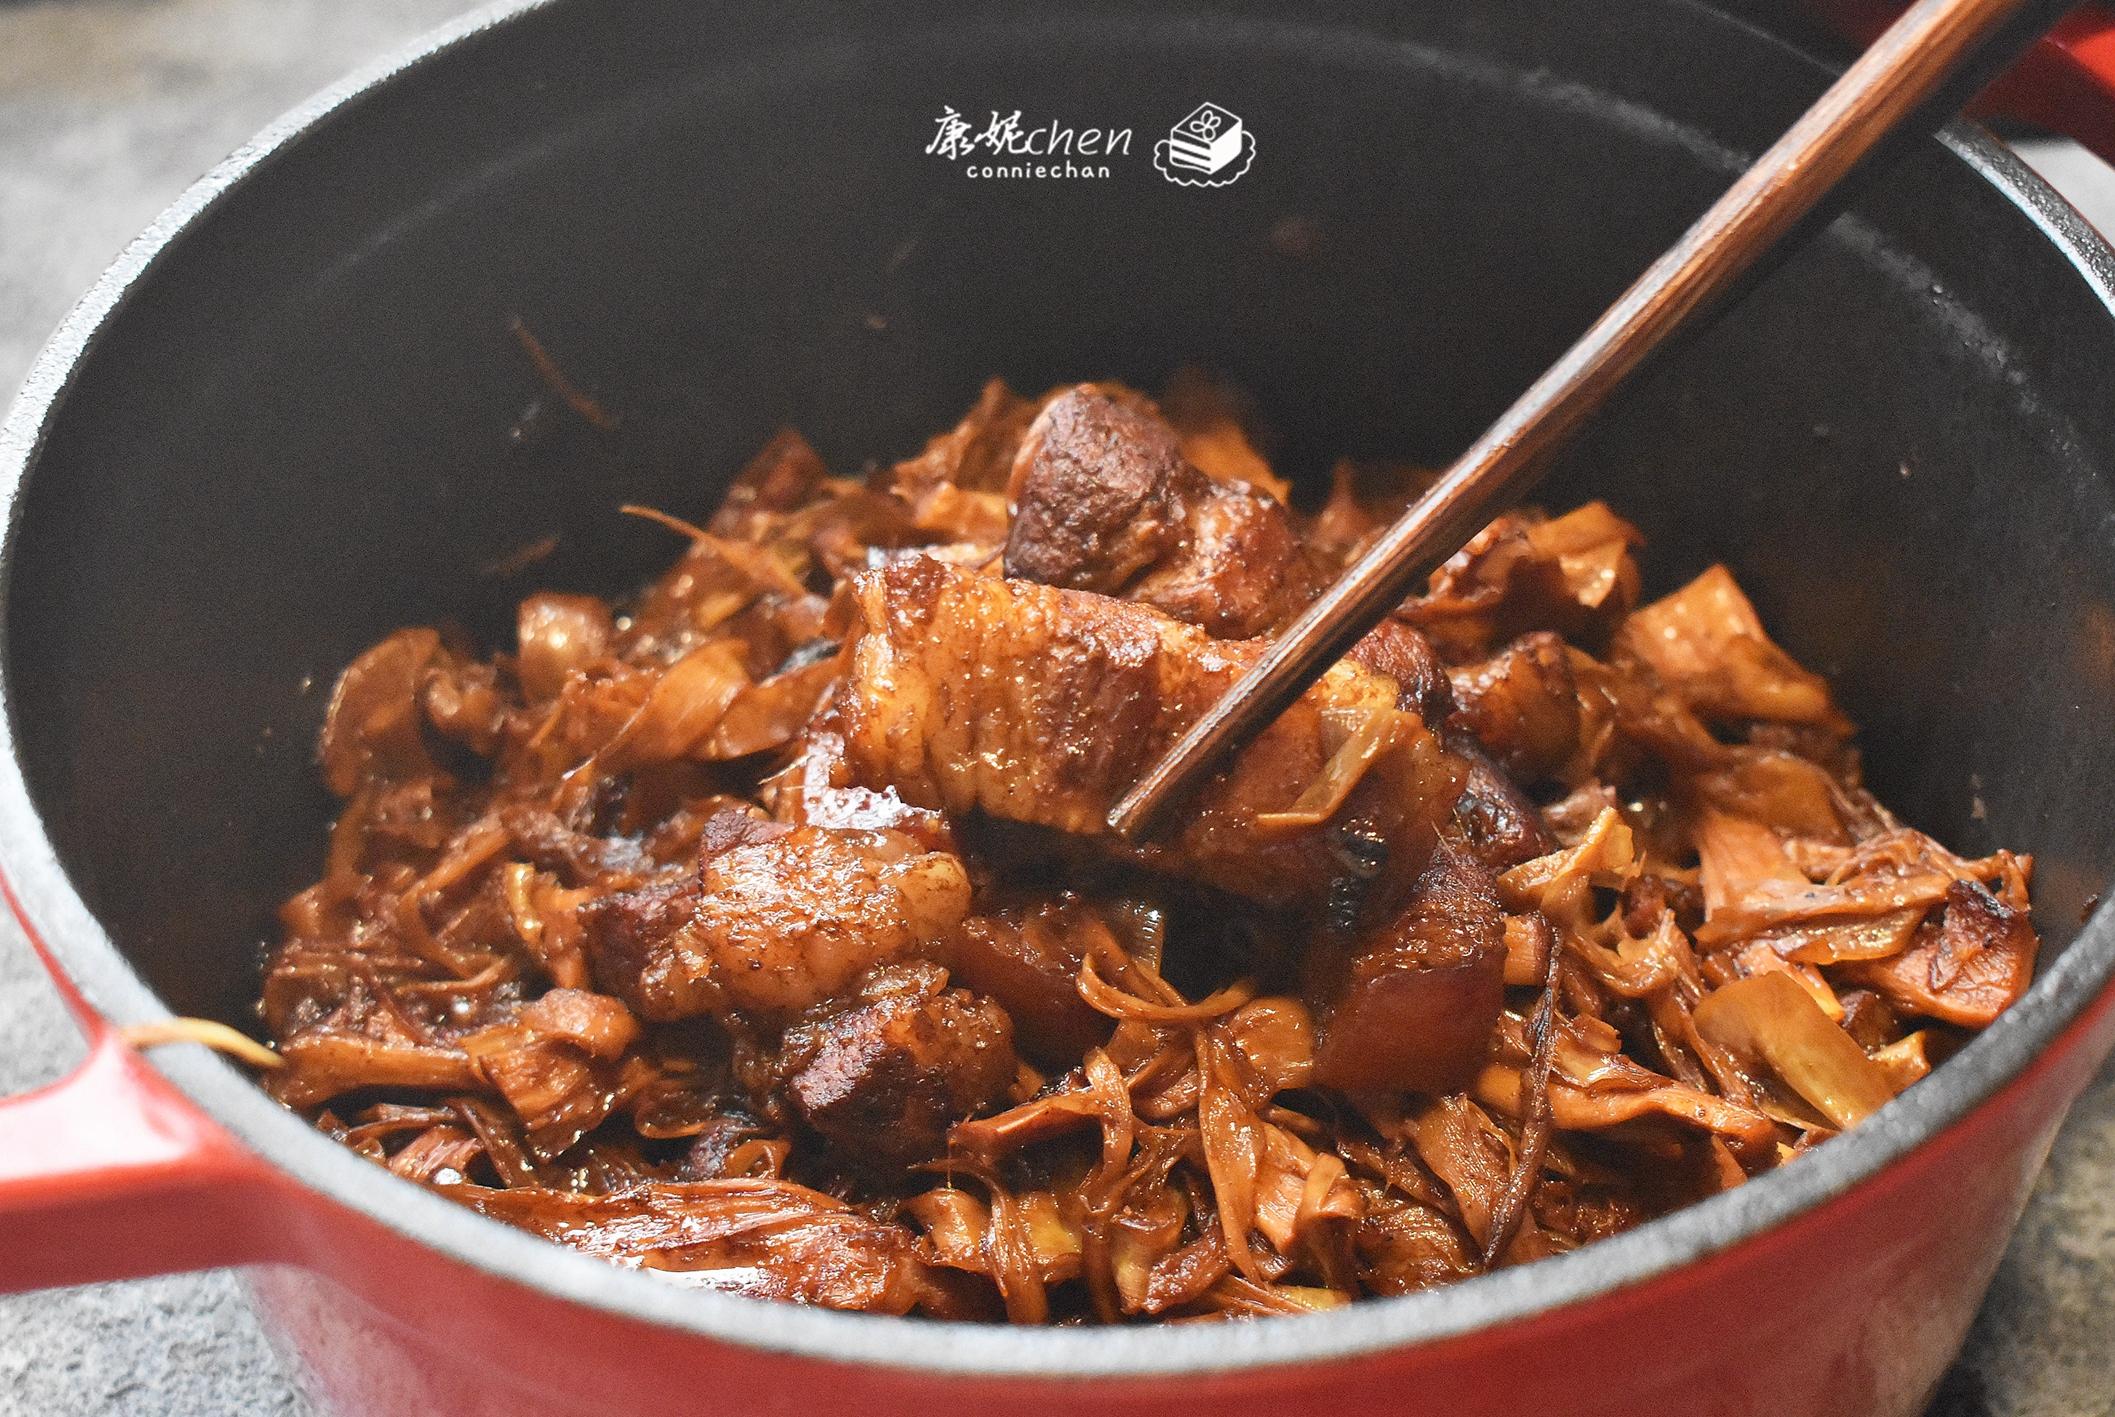 红烧肉不用油不用炒糖色,这样做简单又好吃,鲜香入味,超下饭